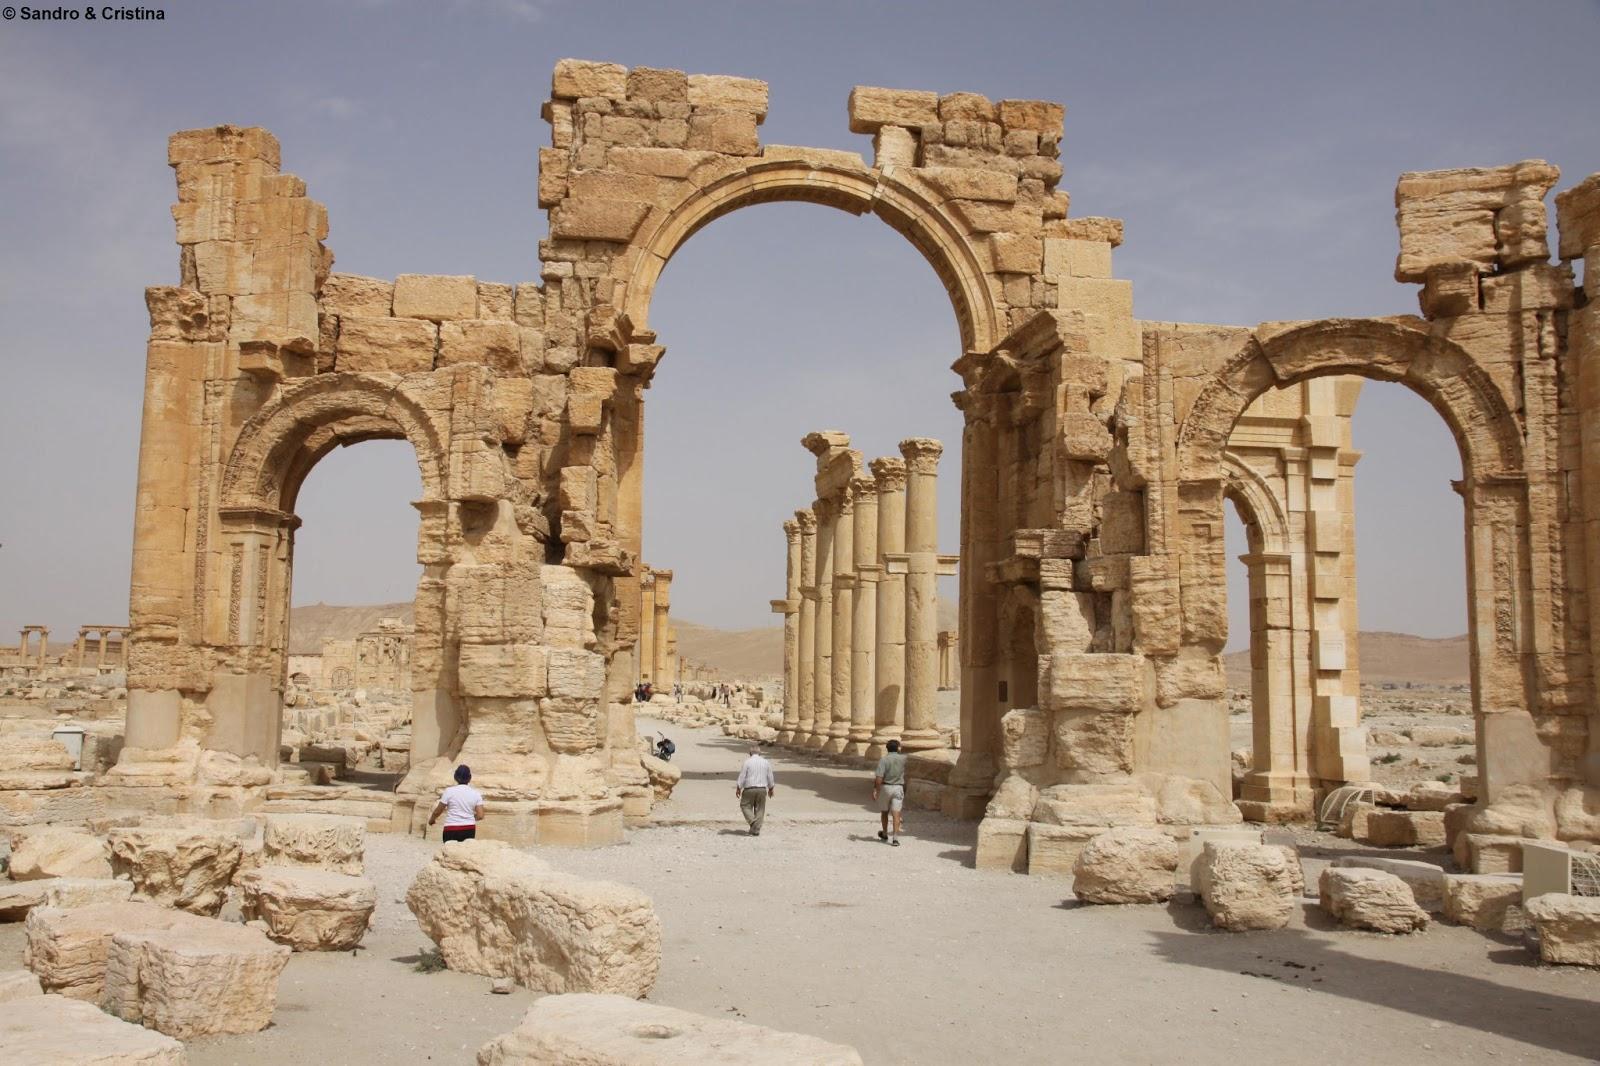 Sandro cristina siria palmira sito archeologico for Citta della siria che da nome a un pino